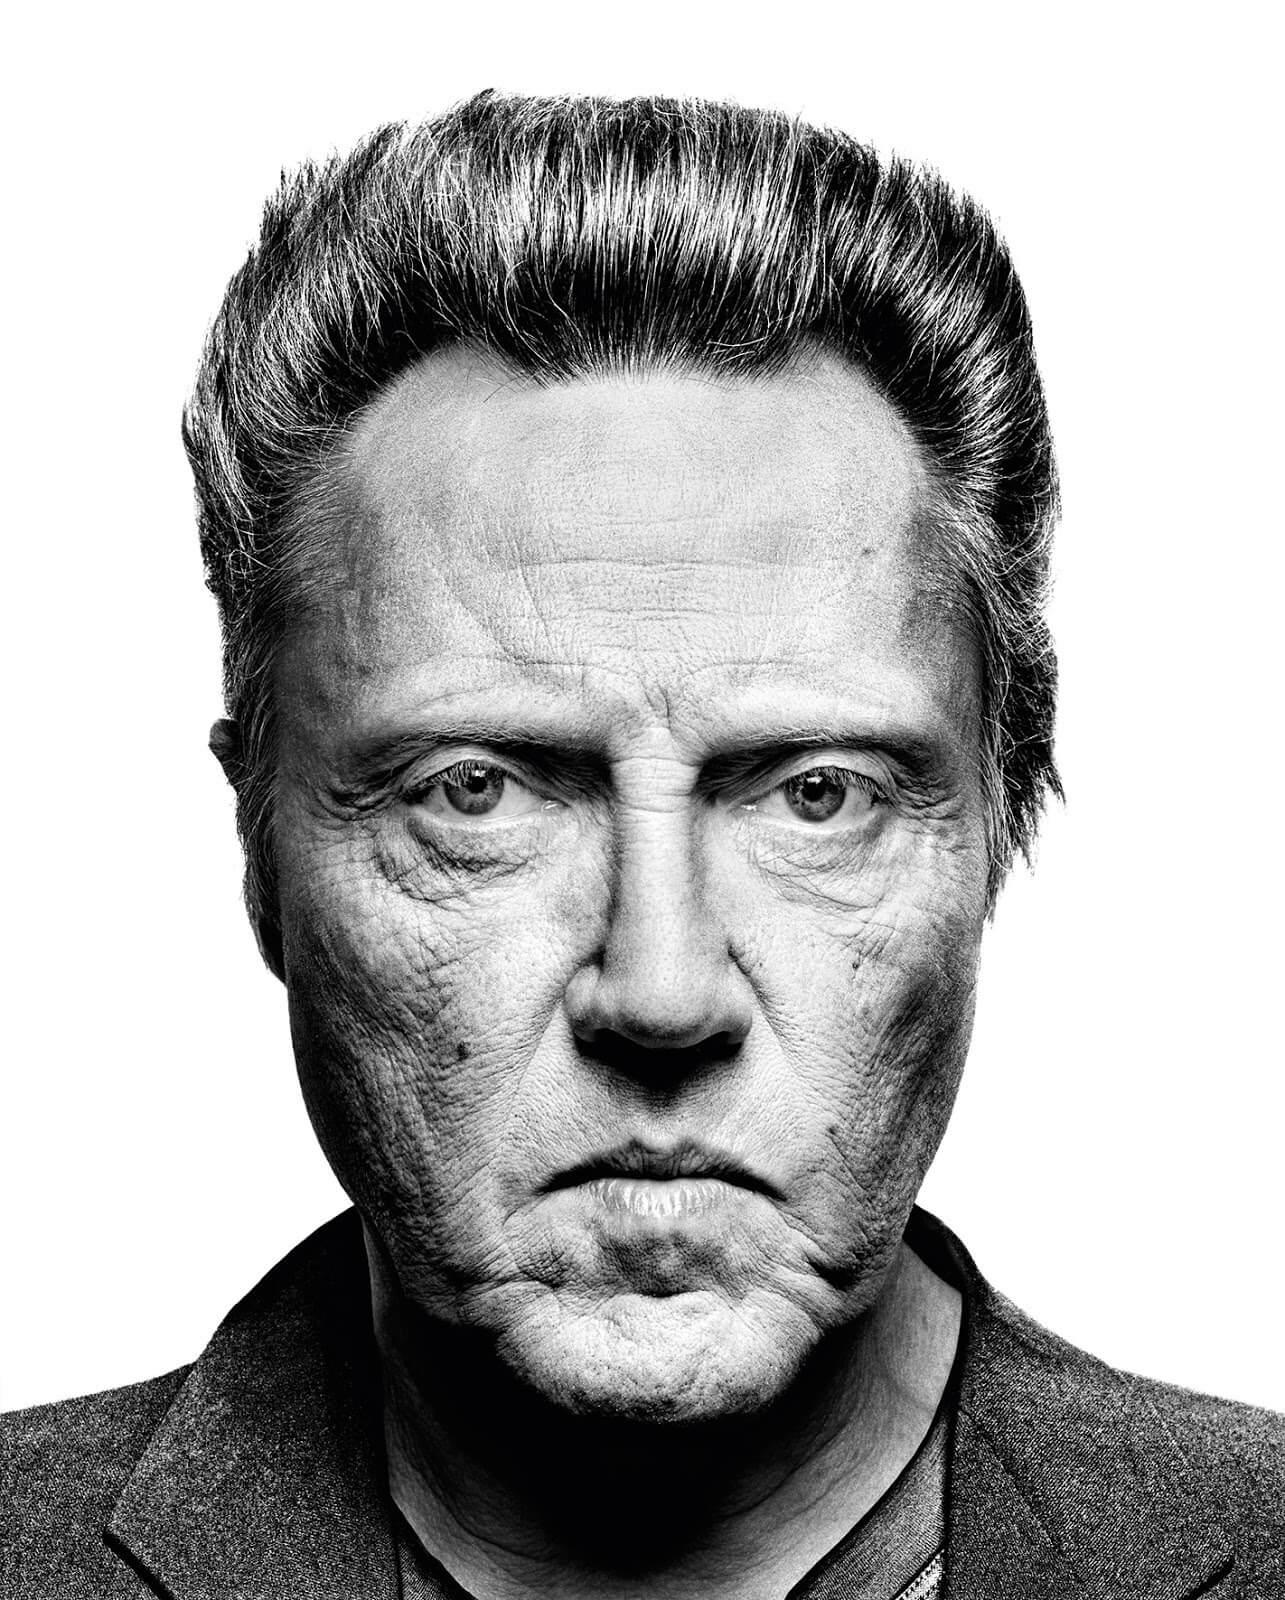 Christopher Walken portrait by Platon